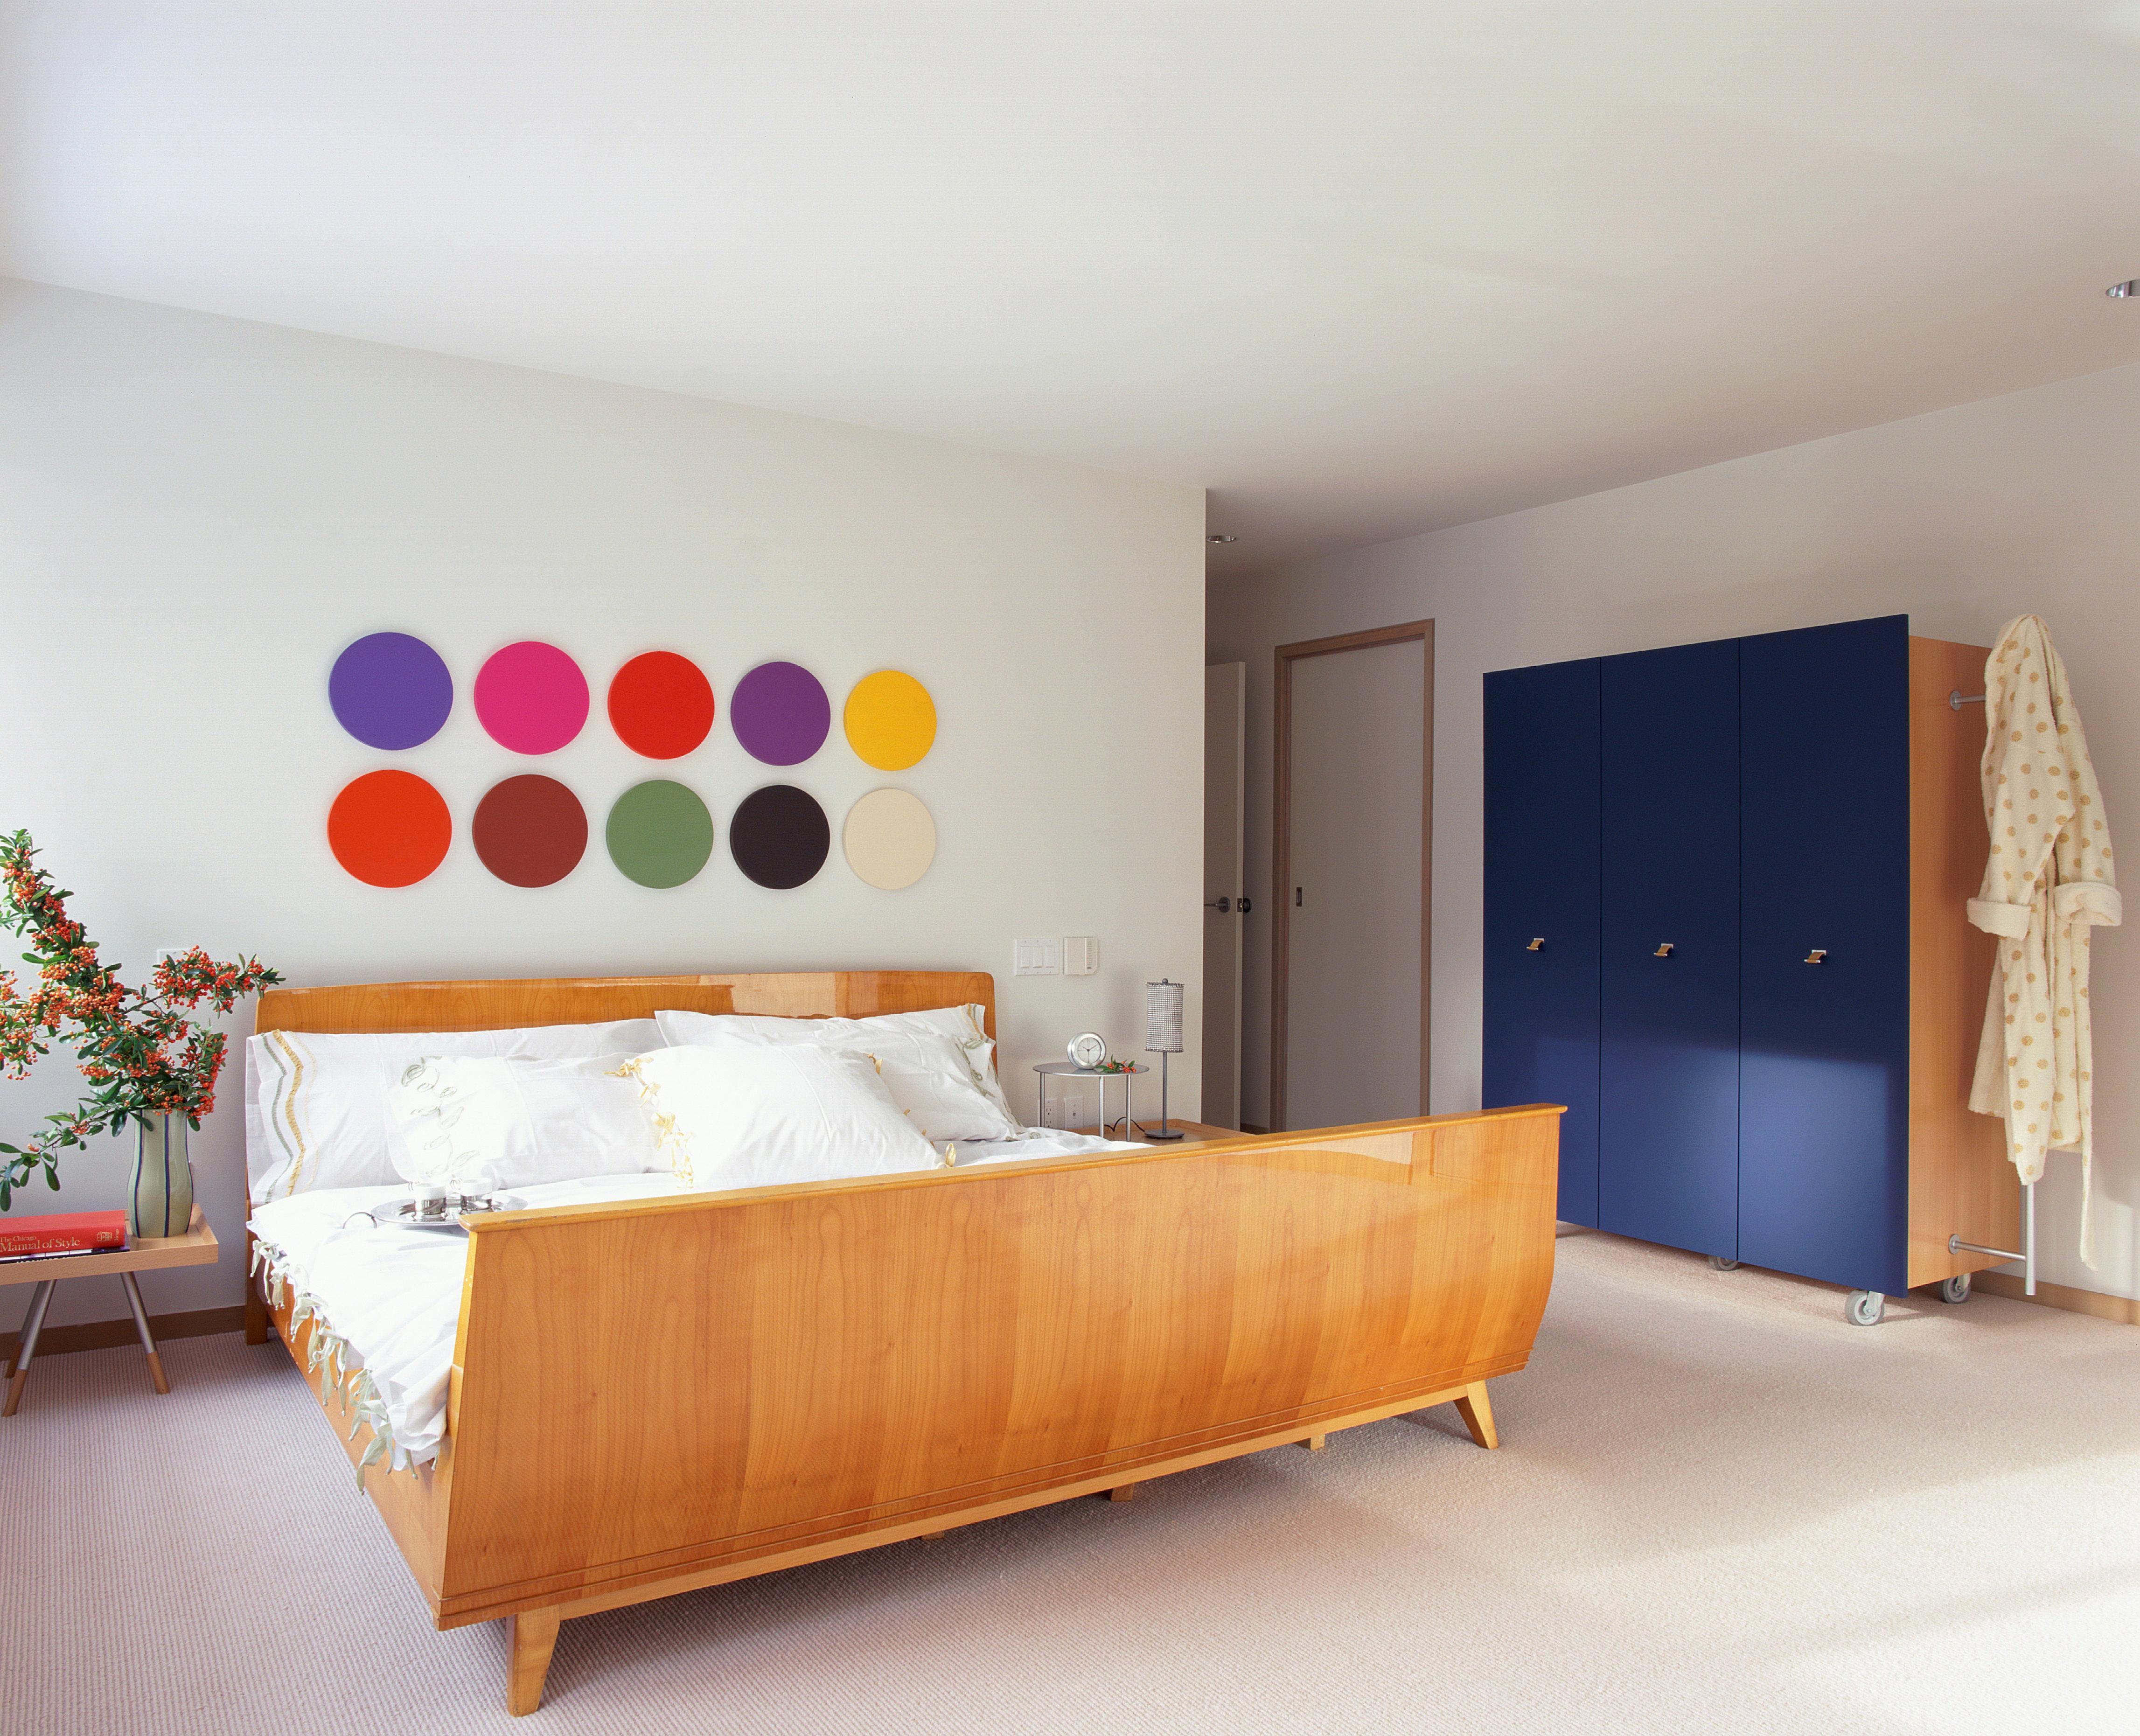 Habitación contemporánea con detalles brillantes